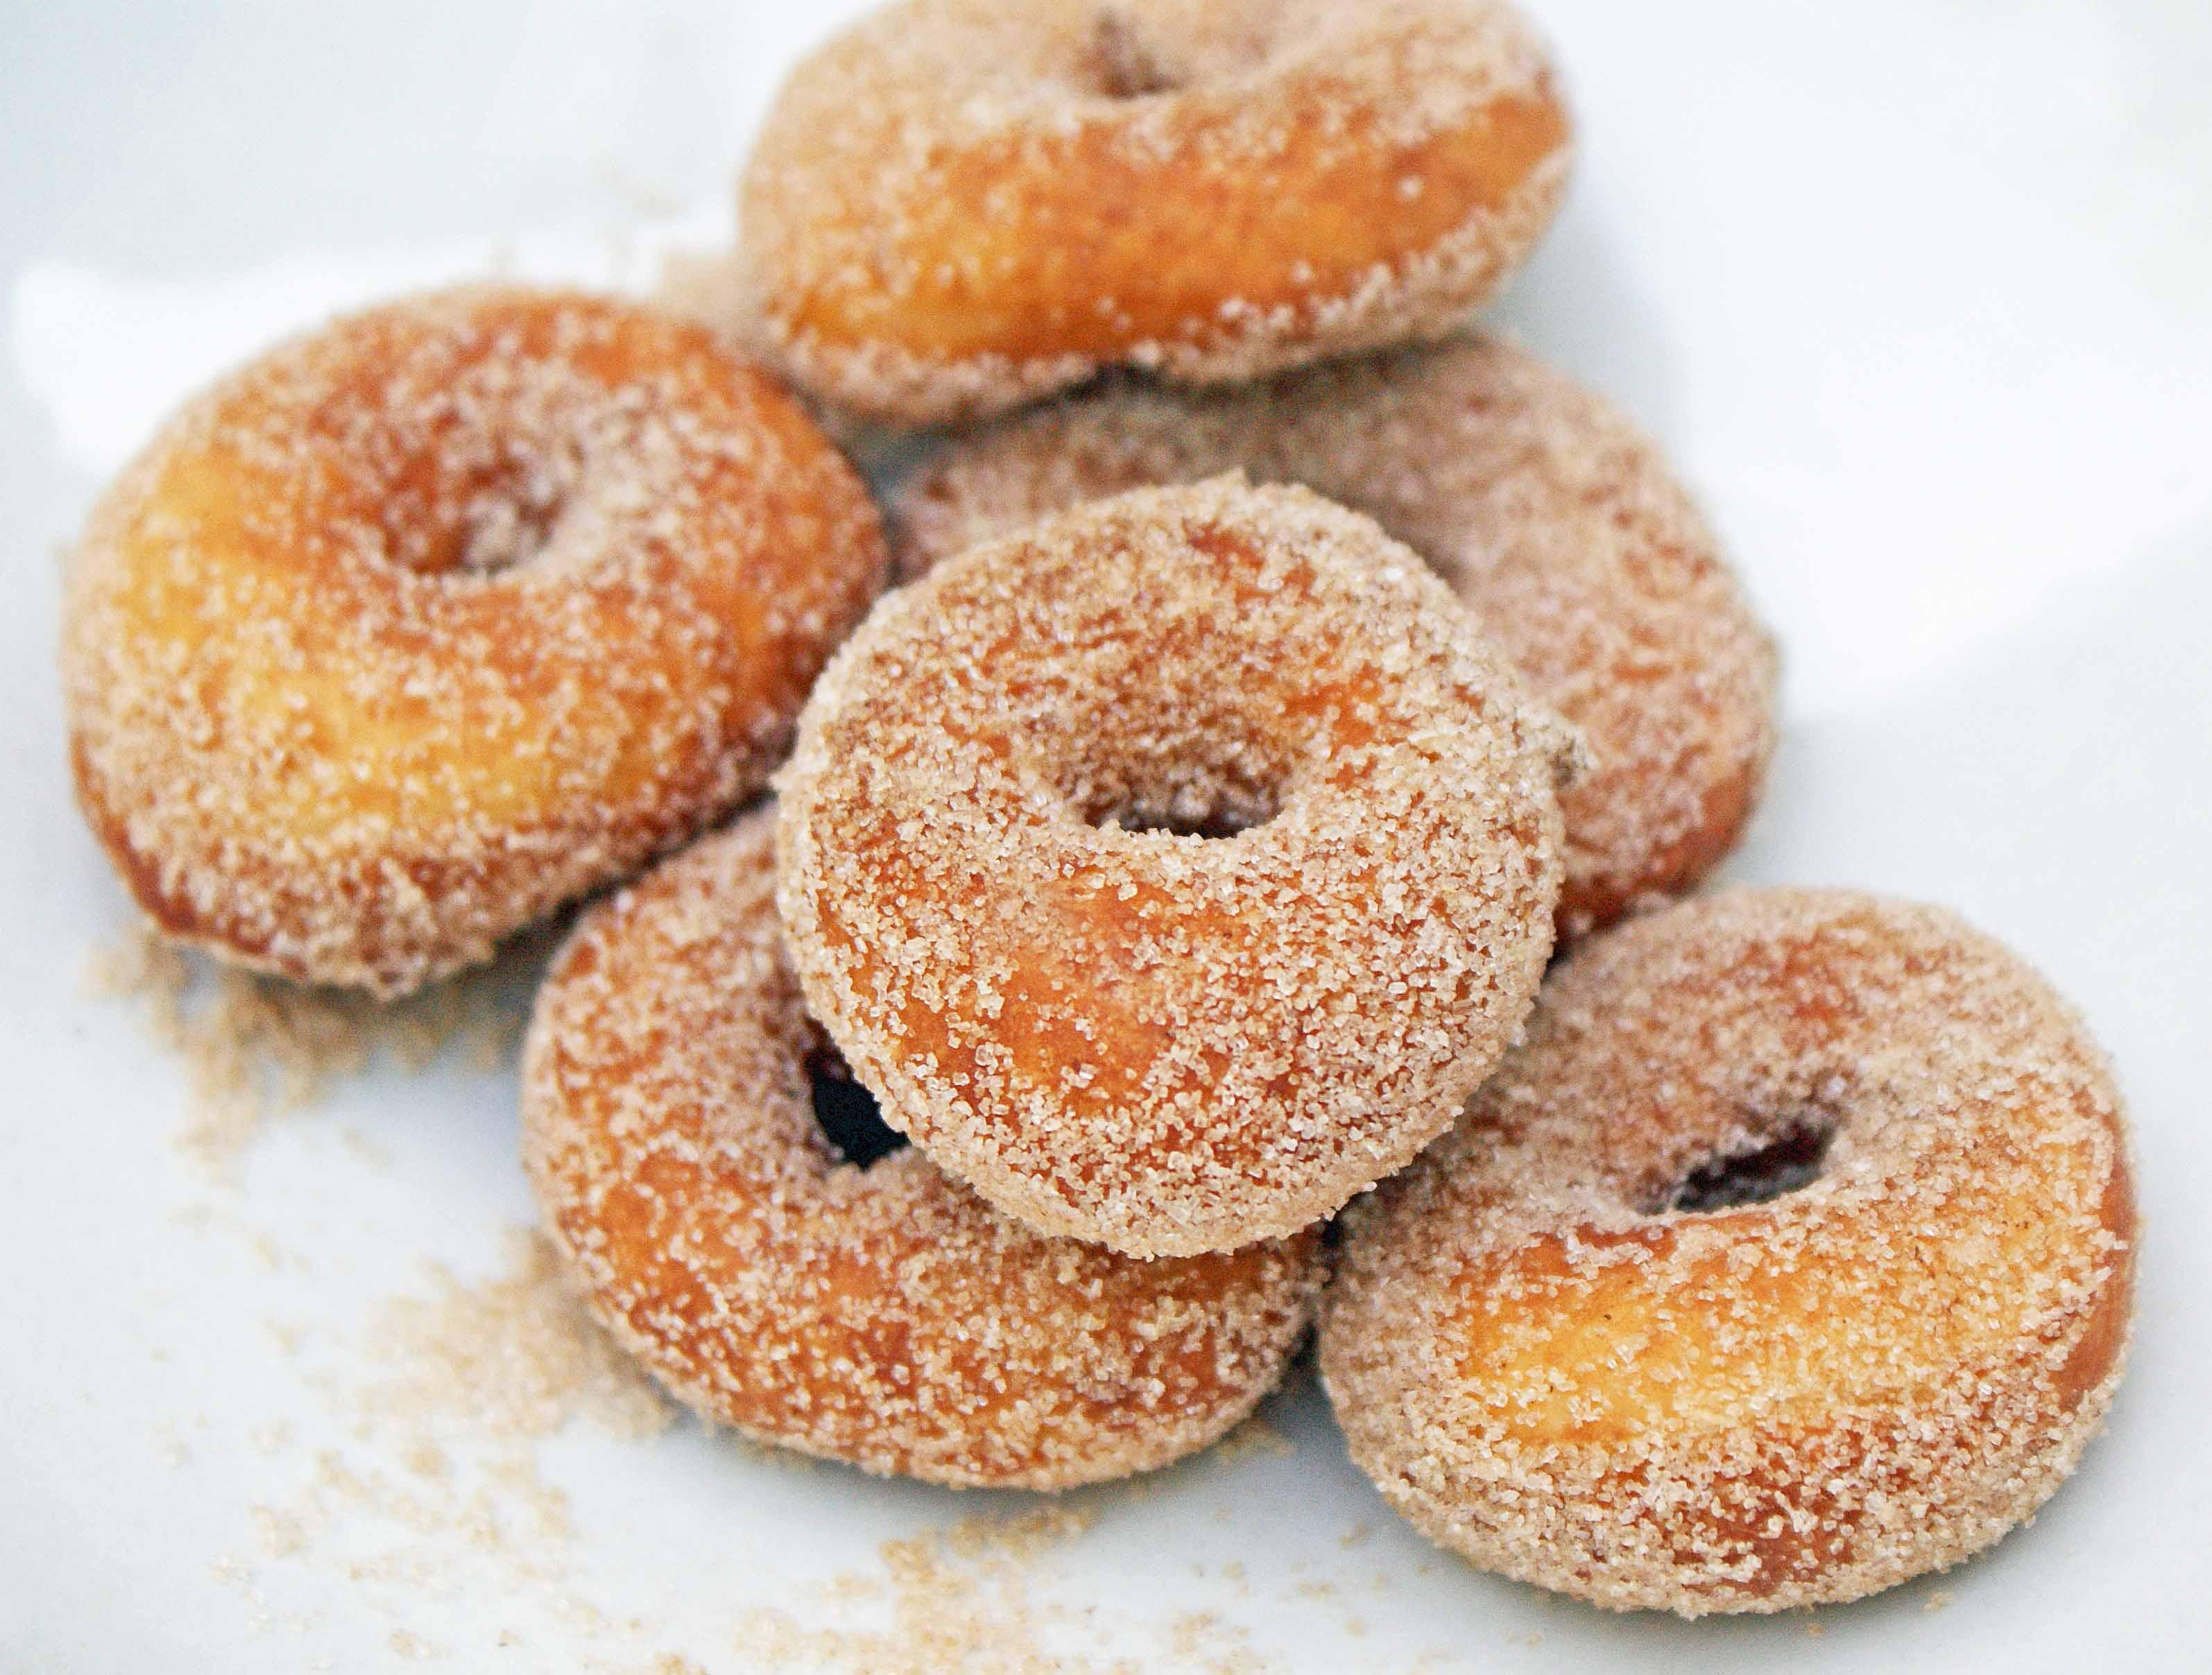 _10_Mini-donuts_1.jpg